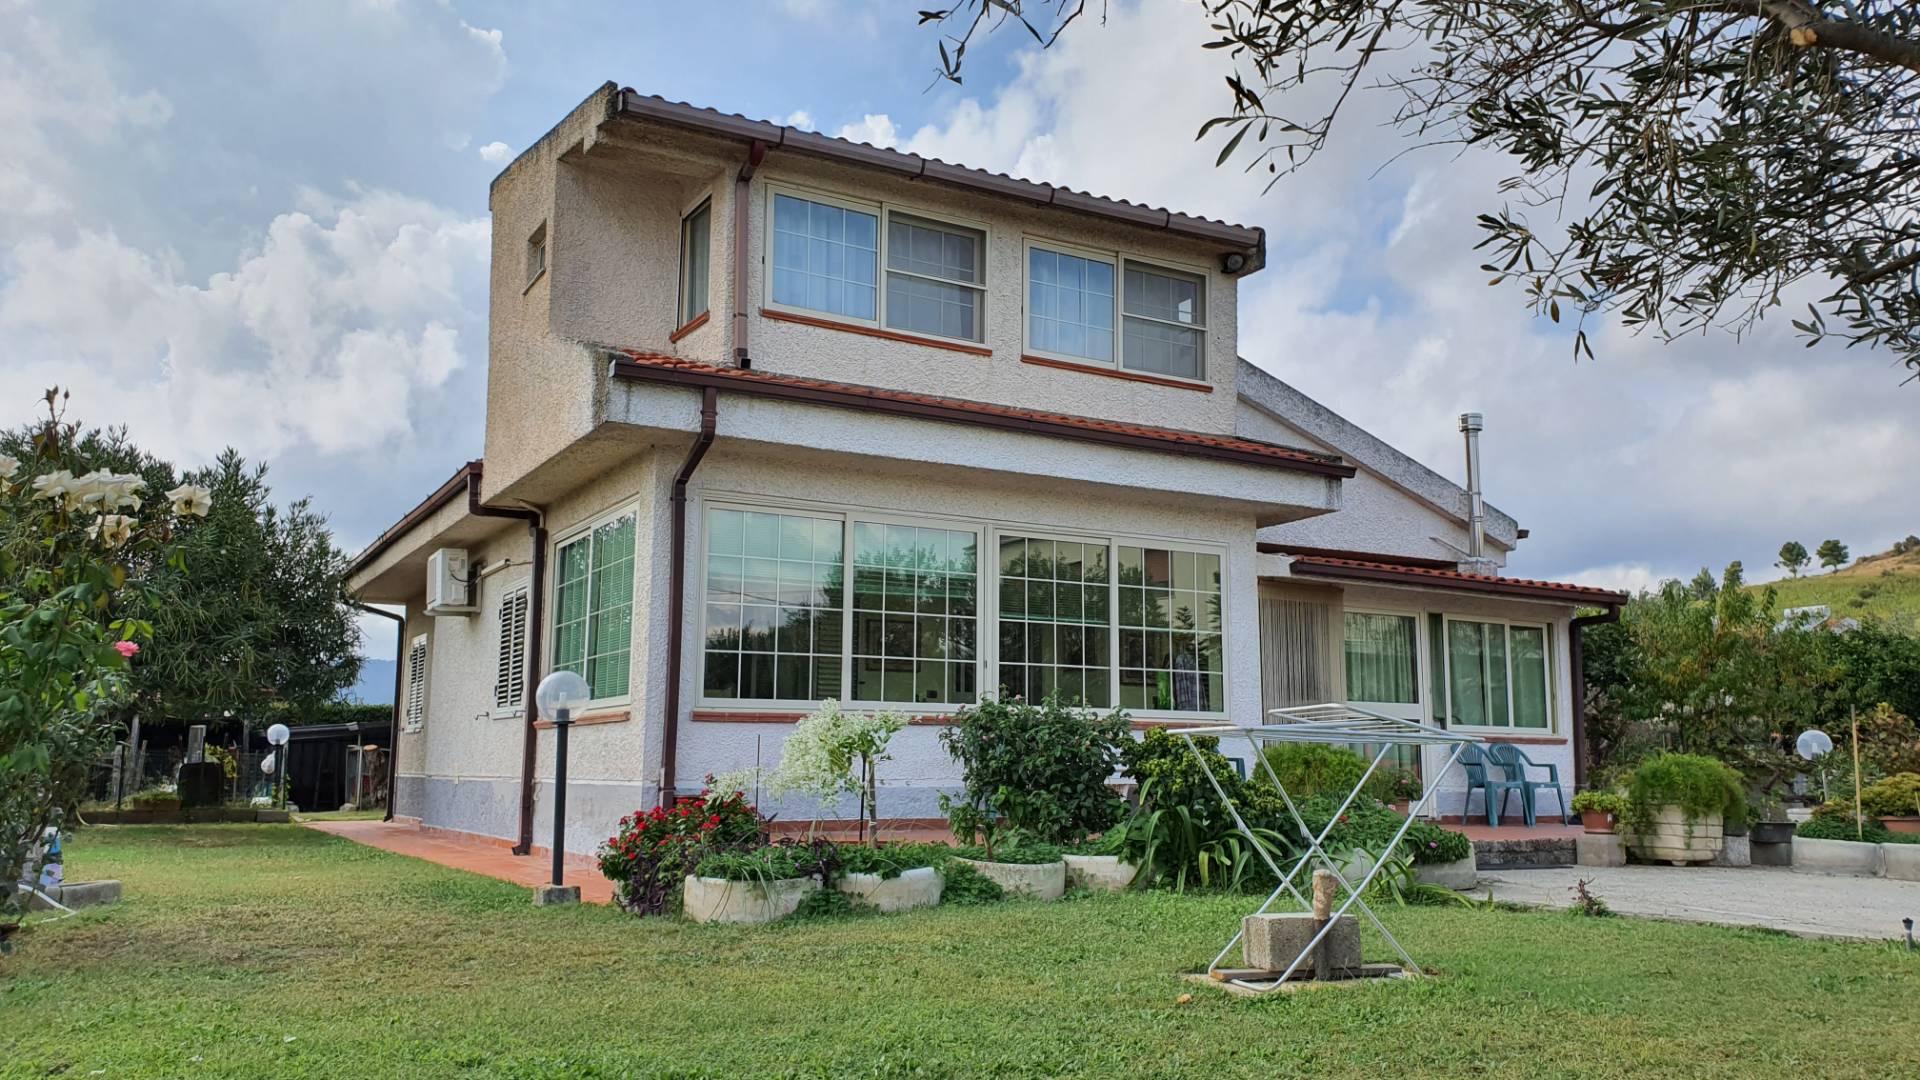 Villa in vendita a Borgia, 4 locali, zona Località: RoccellettadiBorgia, prezzo € 175.000   CambioCasa.it